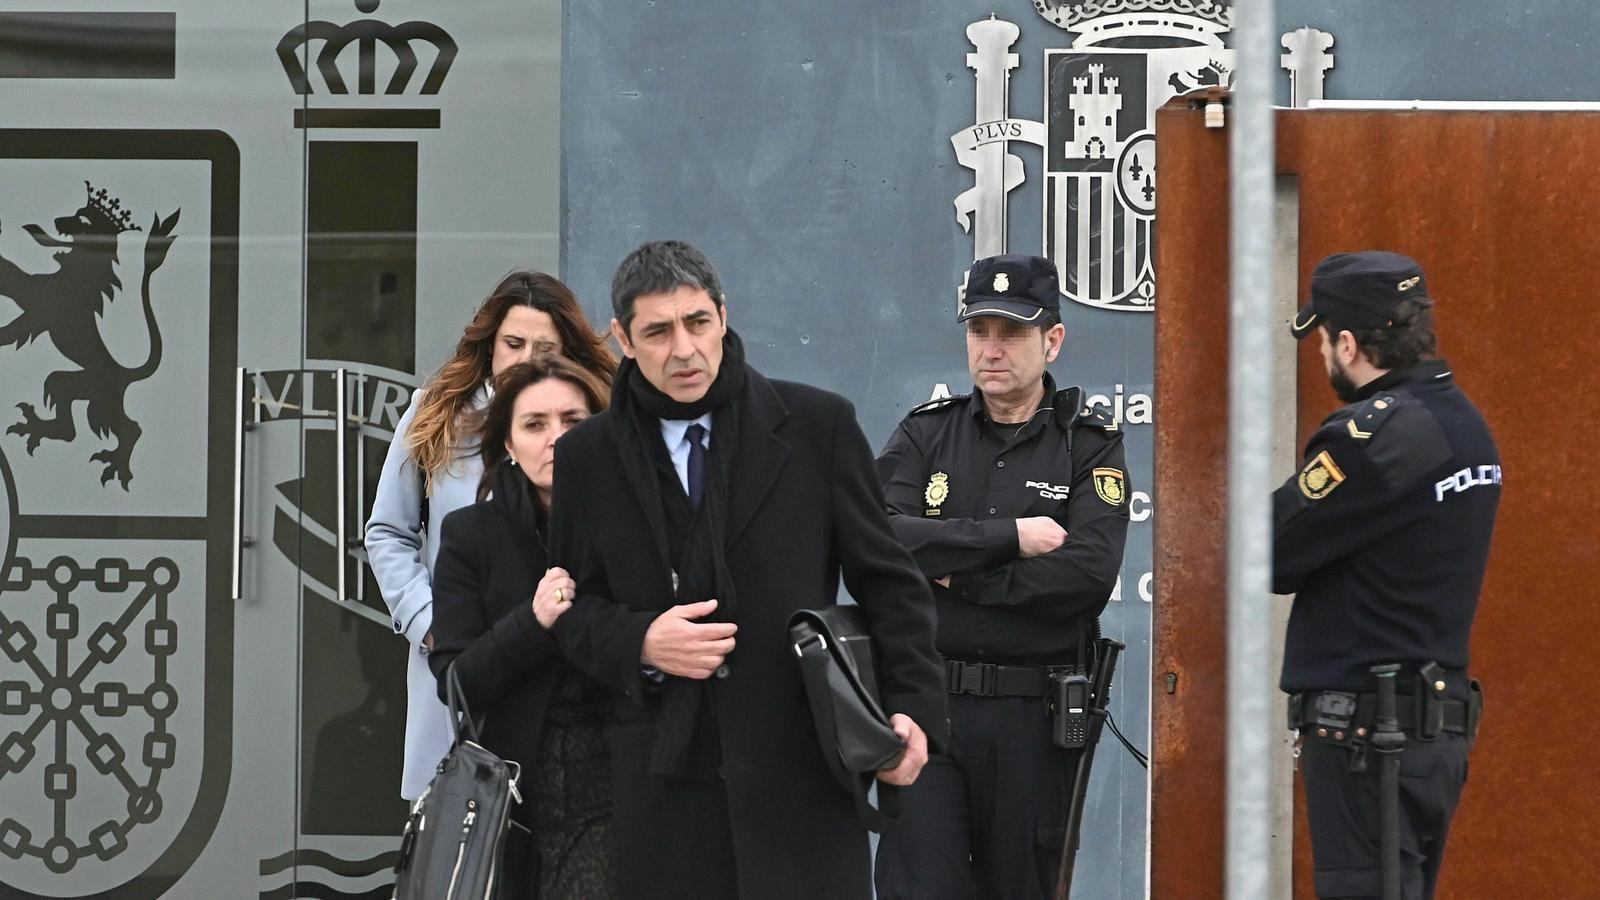 El fiscal qüestiona que els Mossos tinguessin el pla per detenir Puigdemont dissenyat abans de la DUI